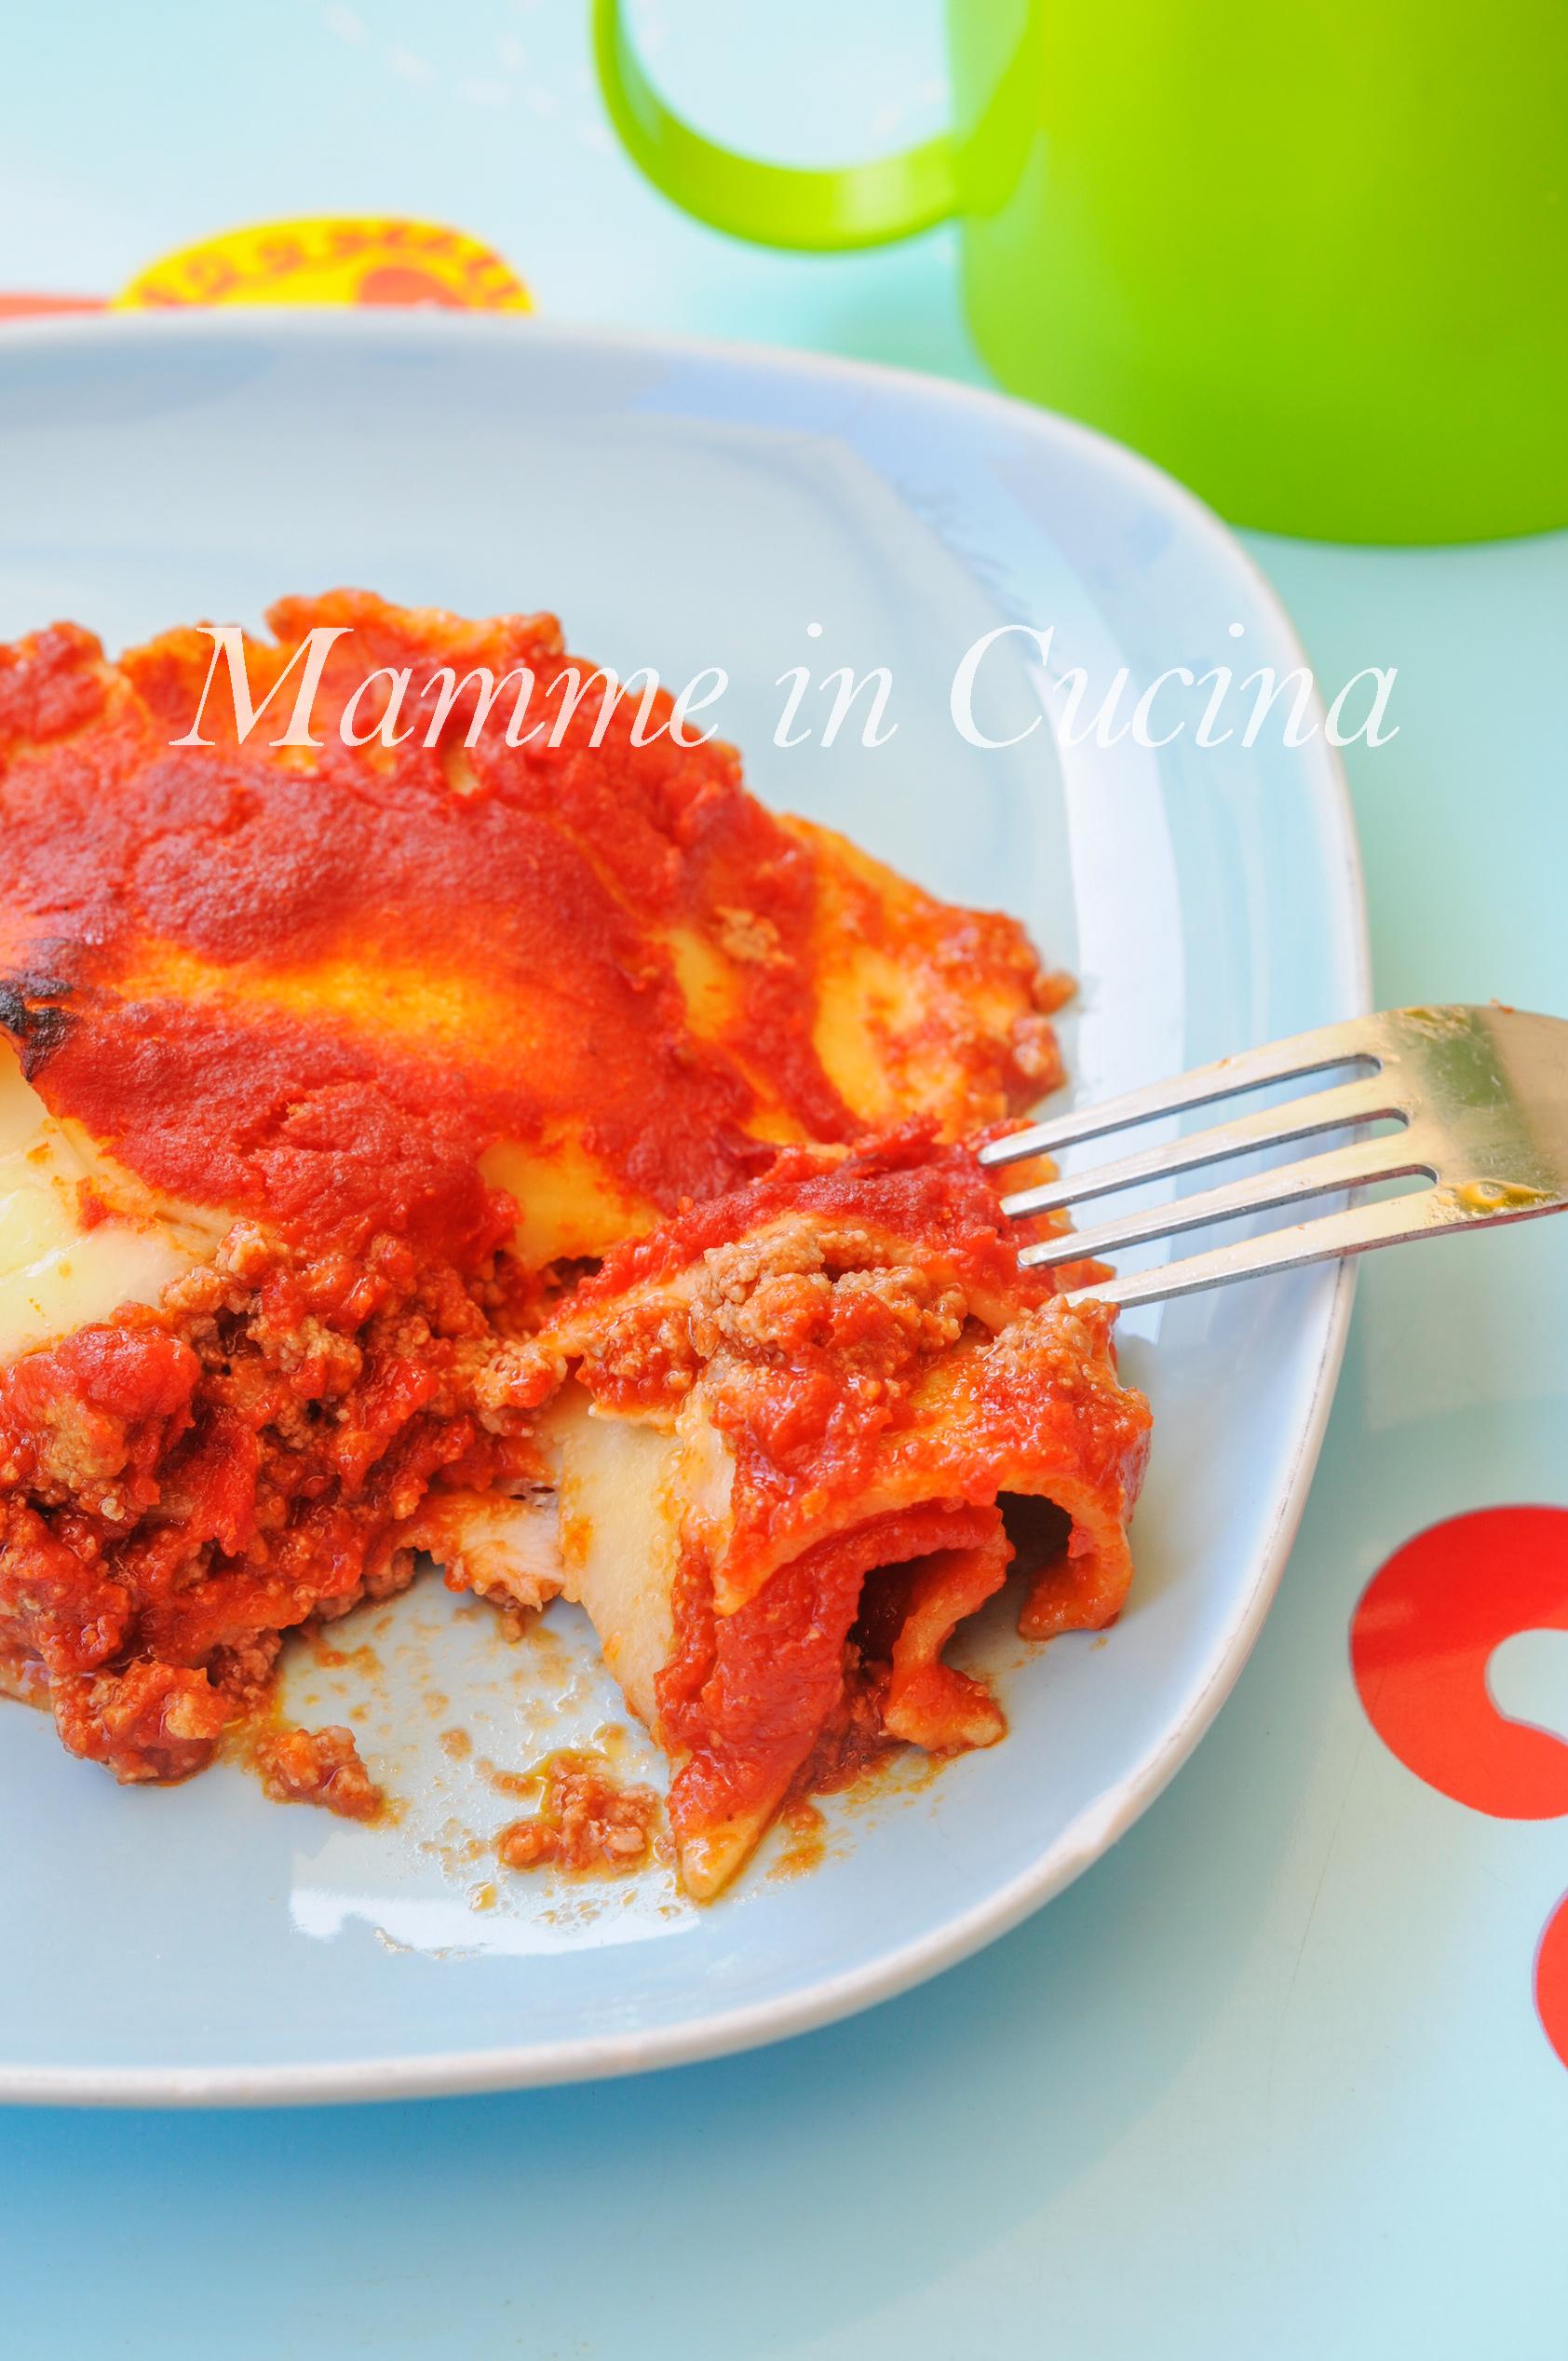 Lasagna leggera al forno ricetta per bambini veloce mamme in cucina